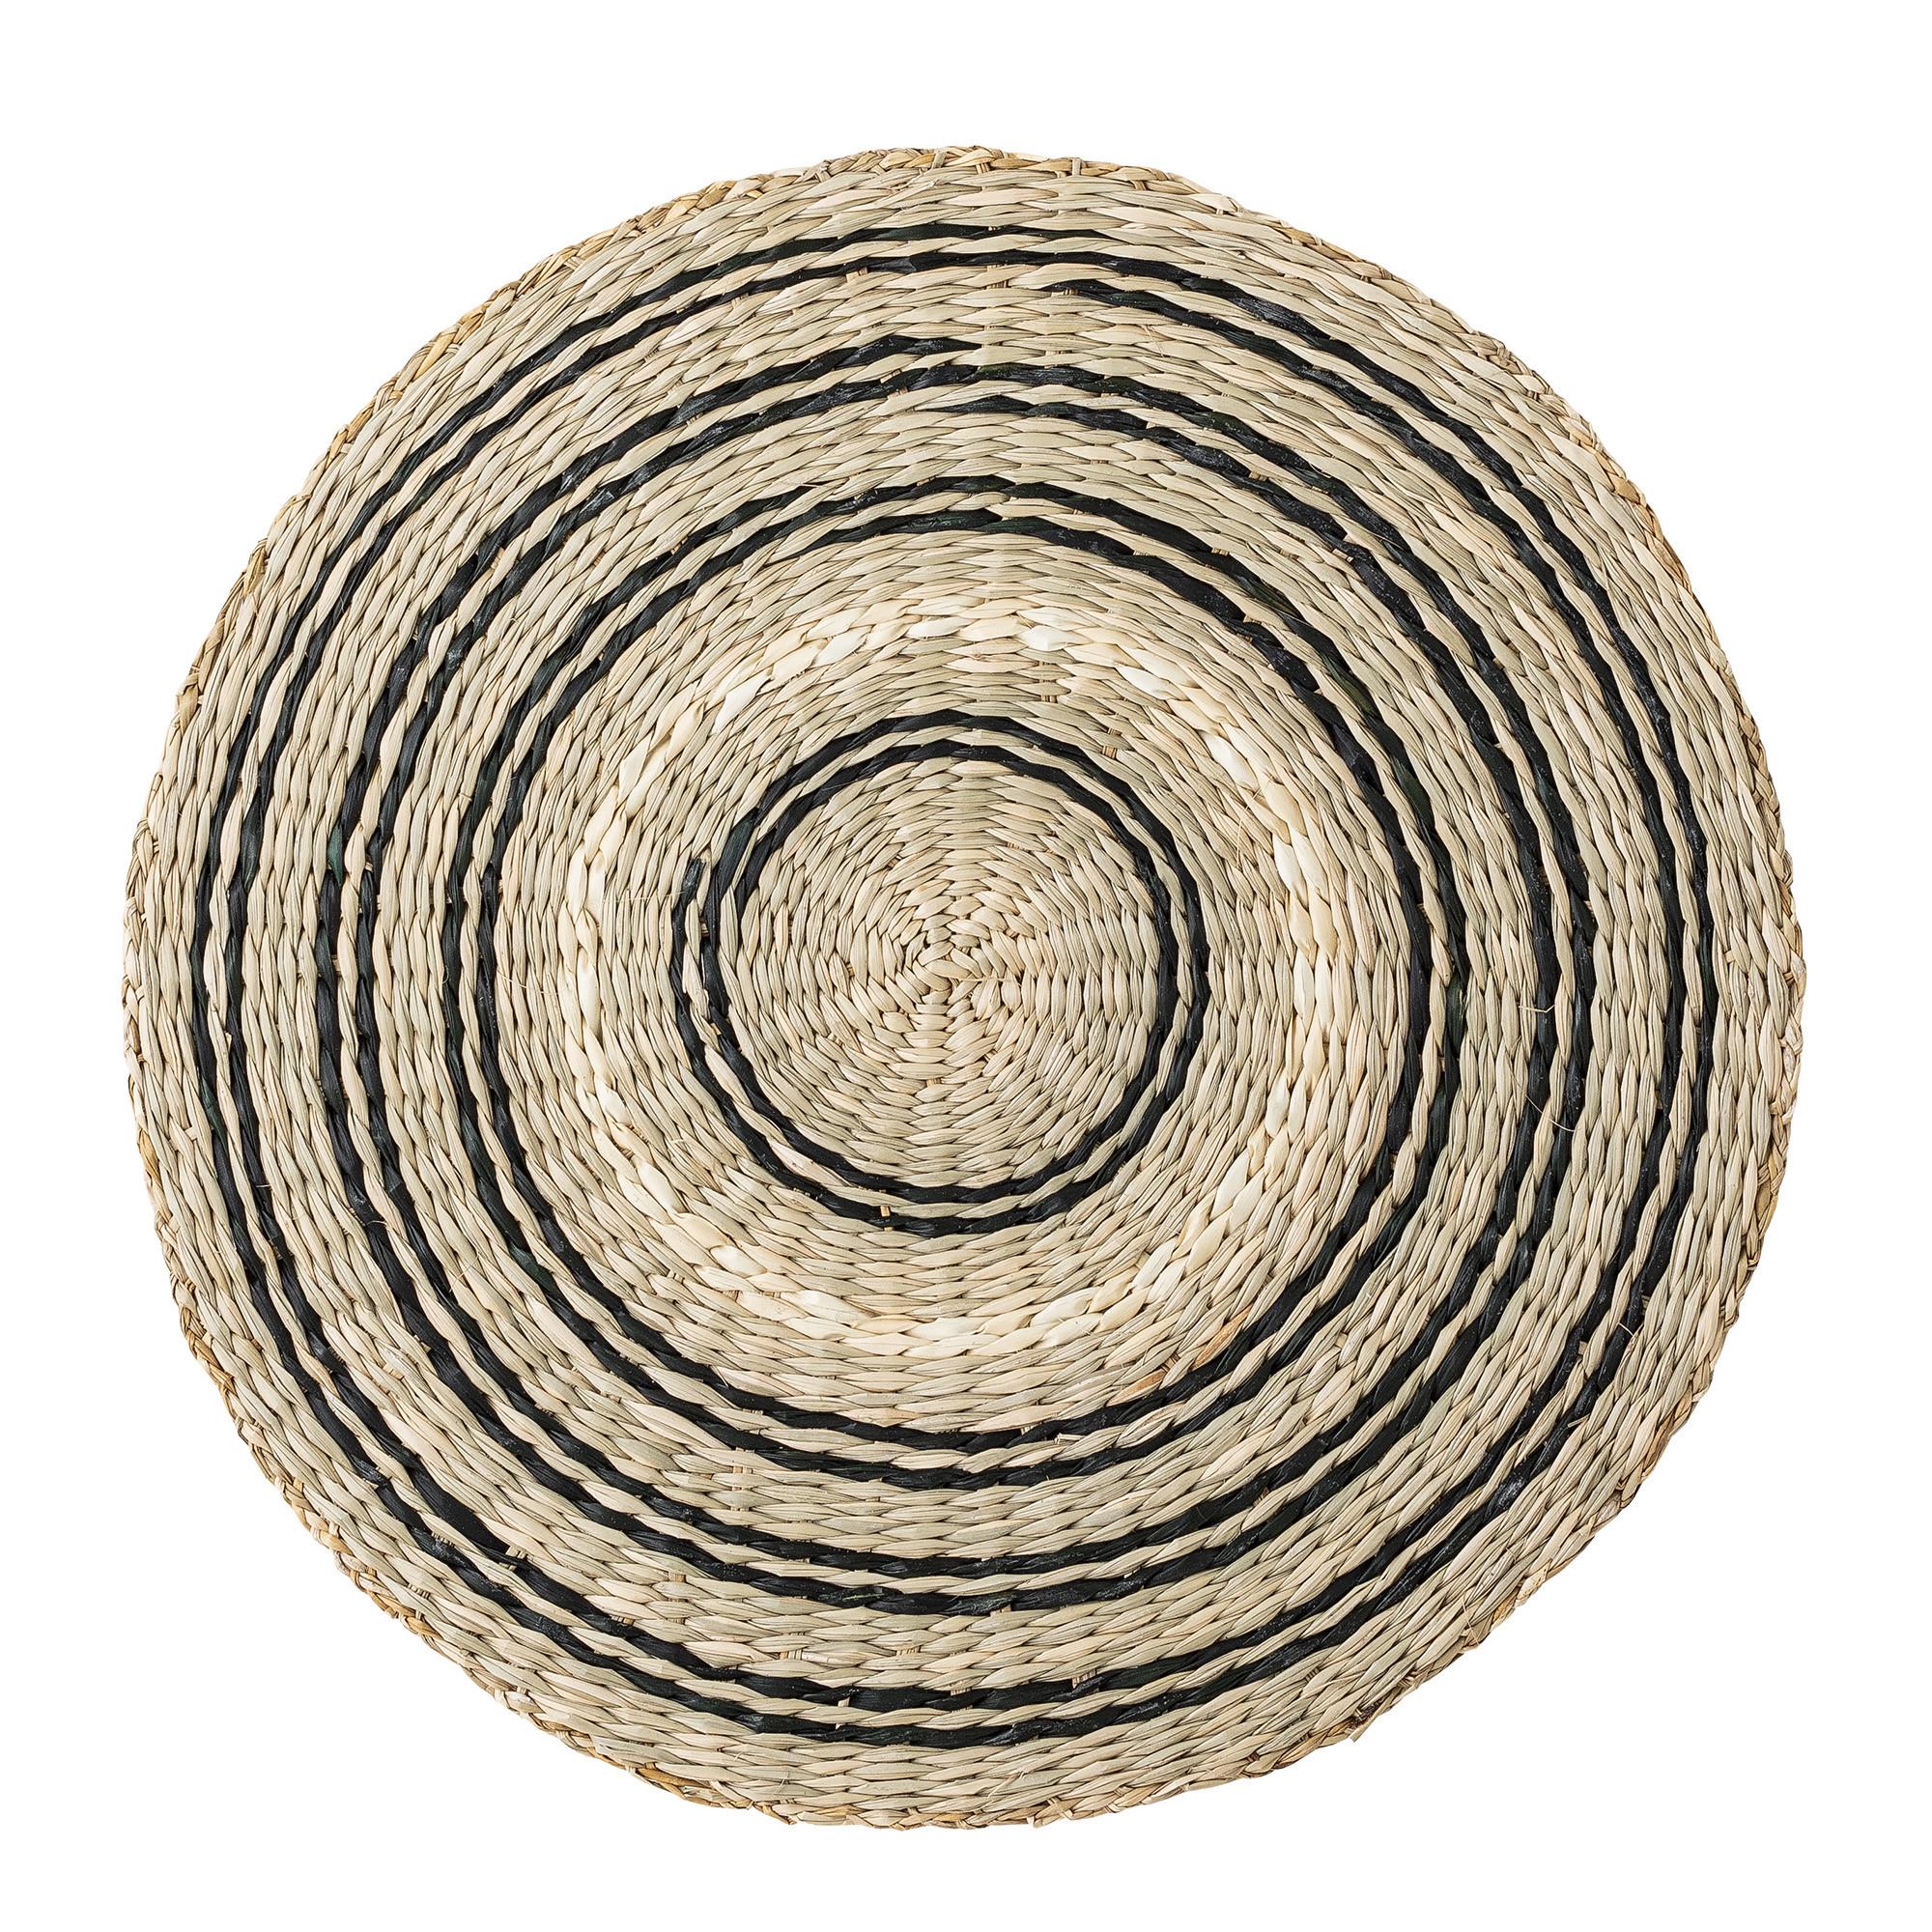 Dækkeserviet, natur/sort – Søgræs